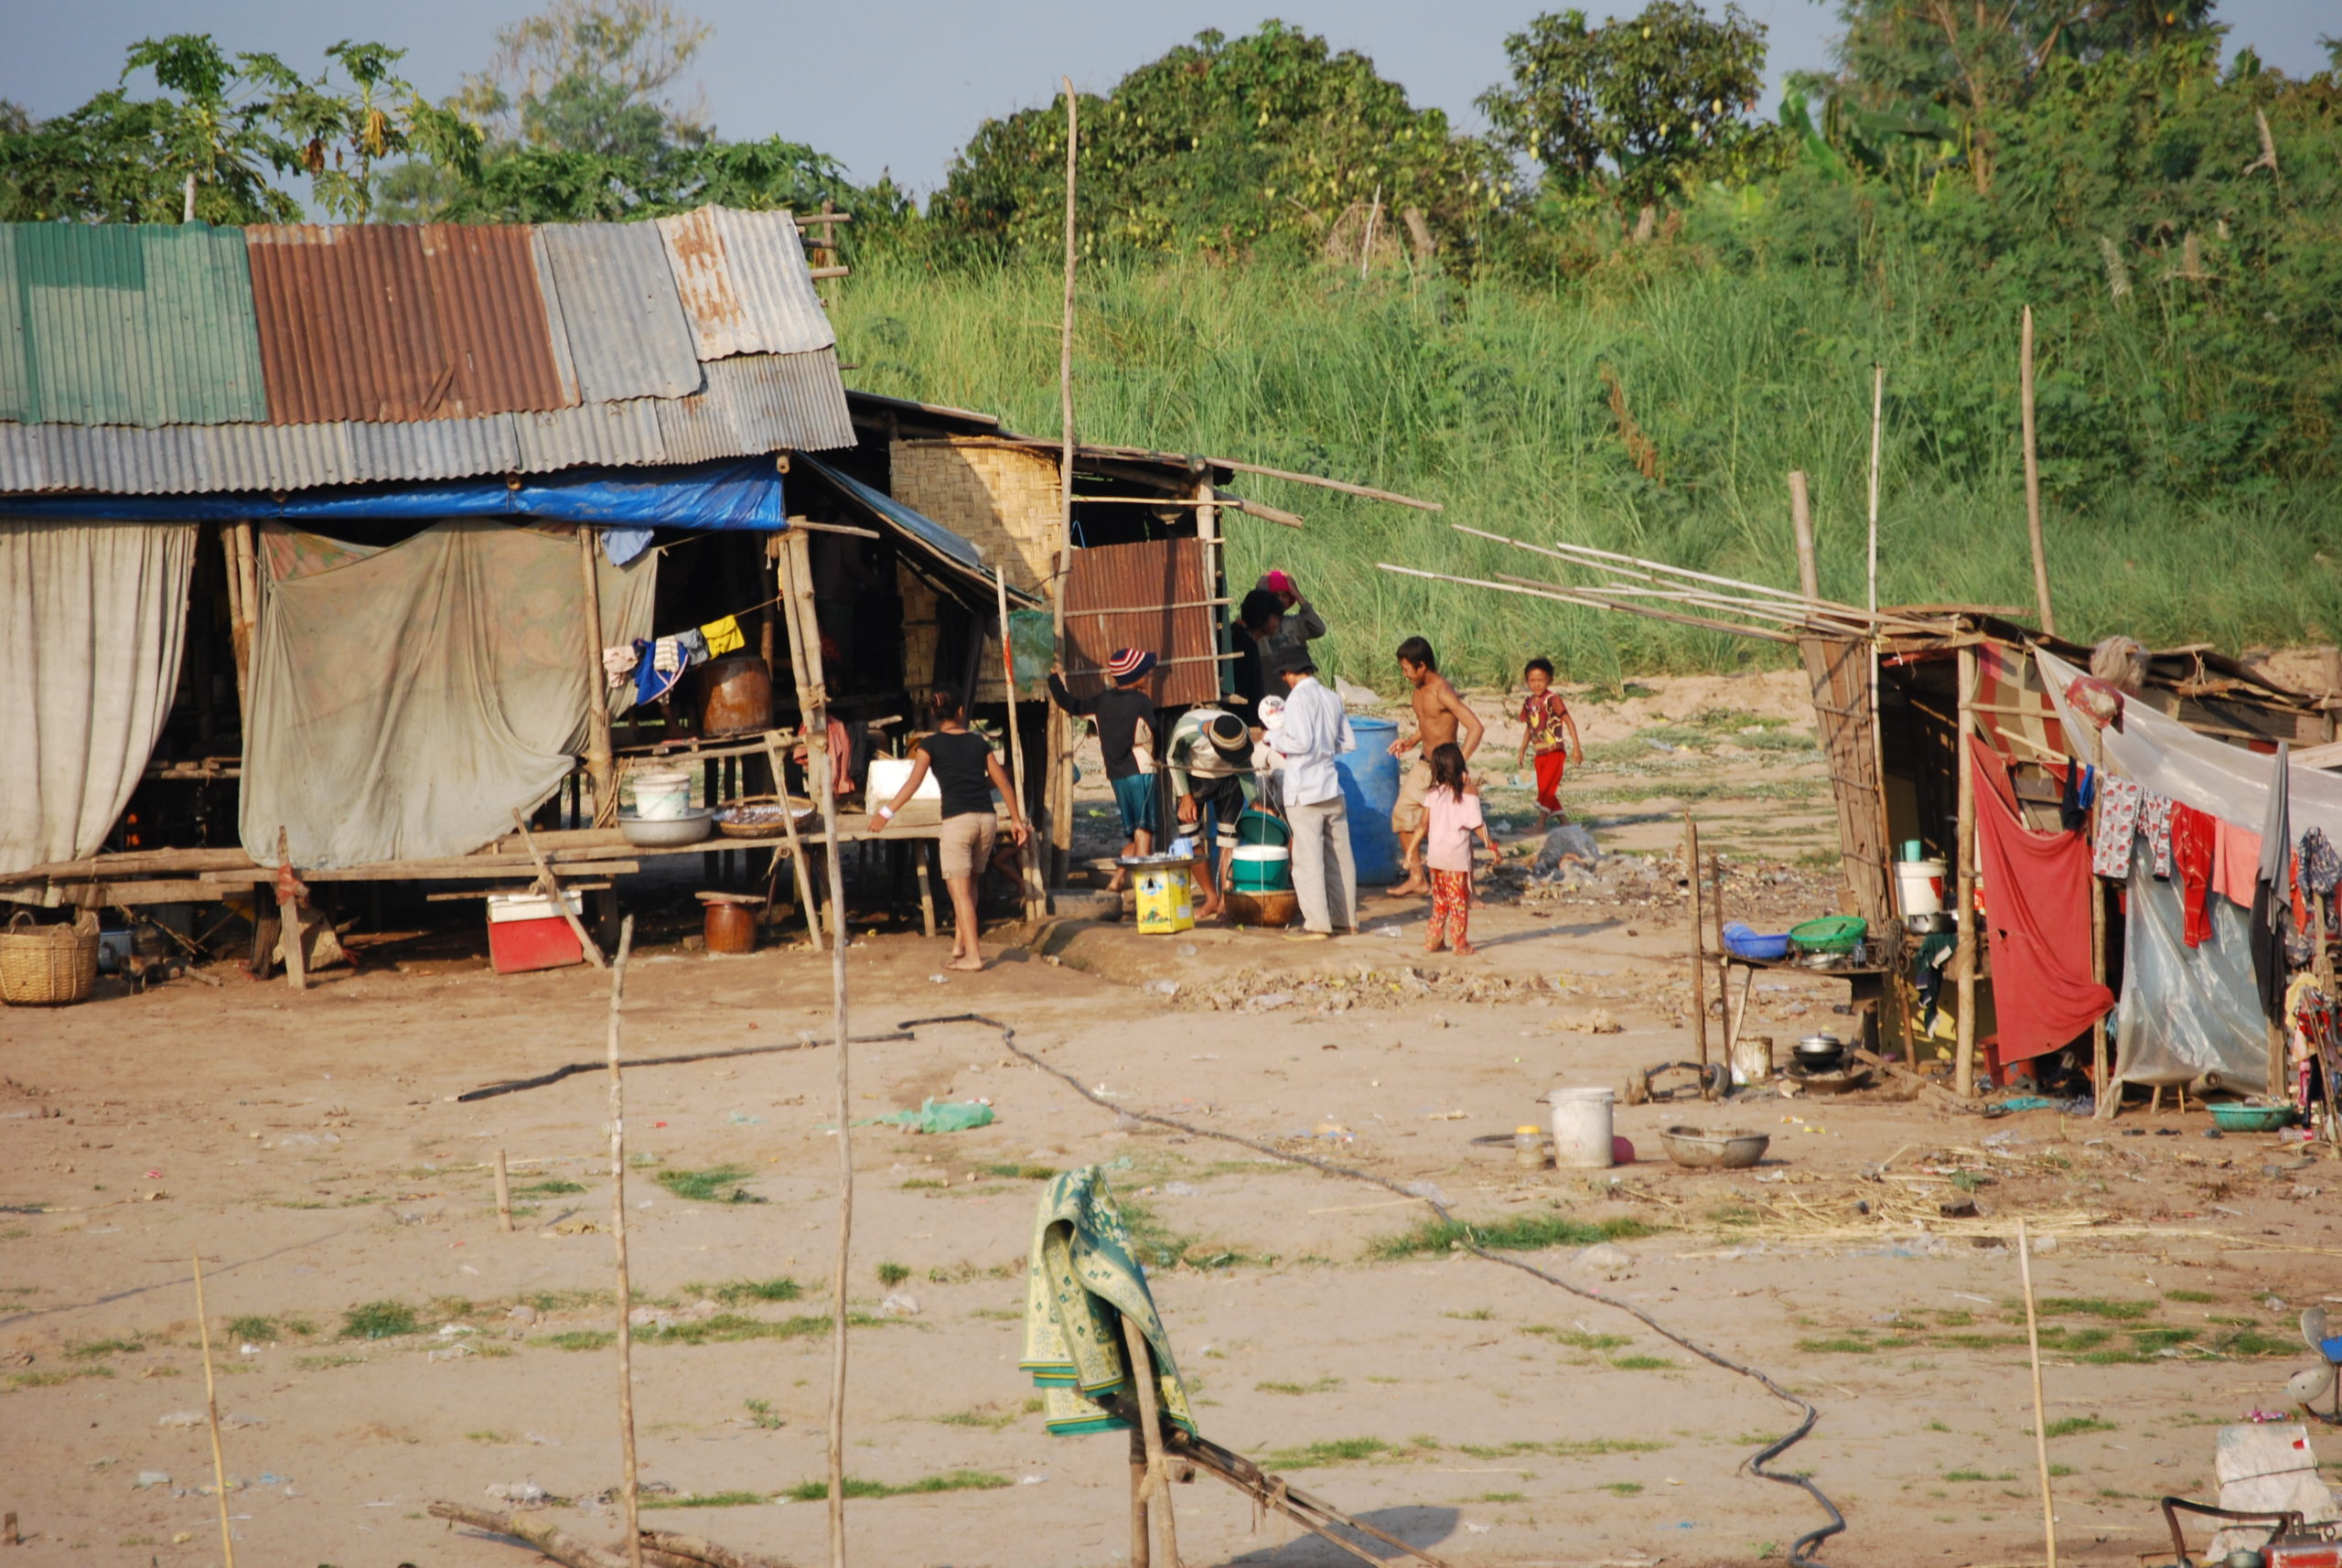 Hütte eines Fischers samt Familie am Tonle Sap in Phnom Penh - Cambodia